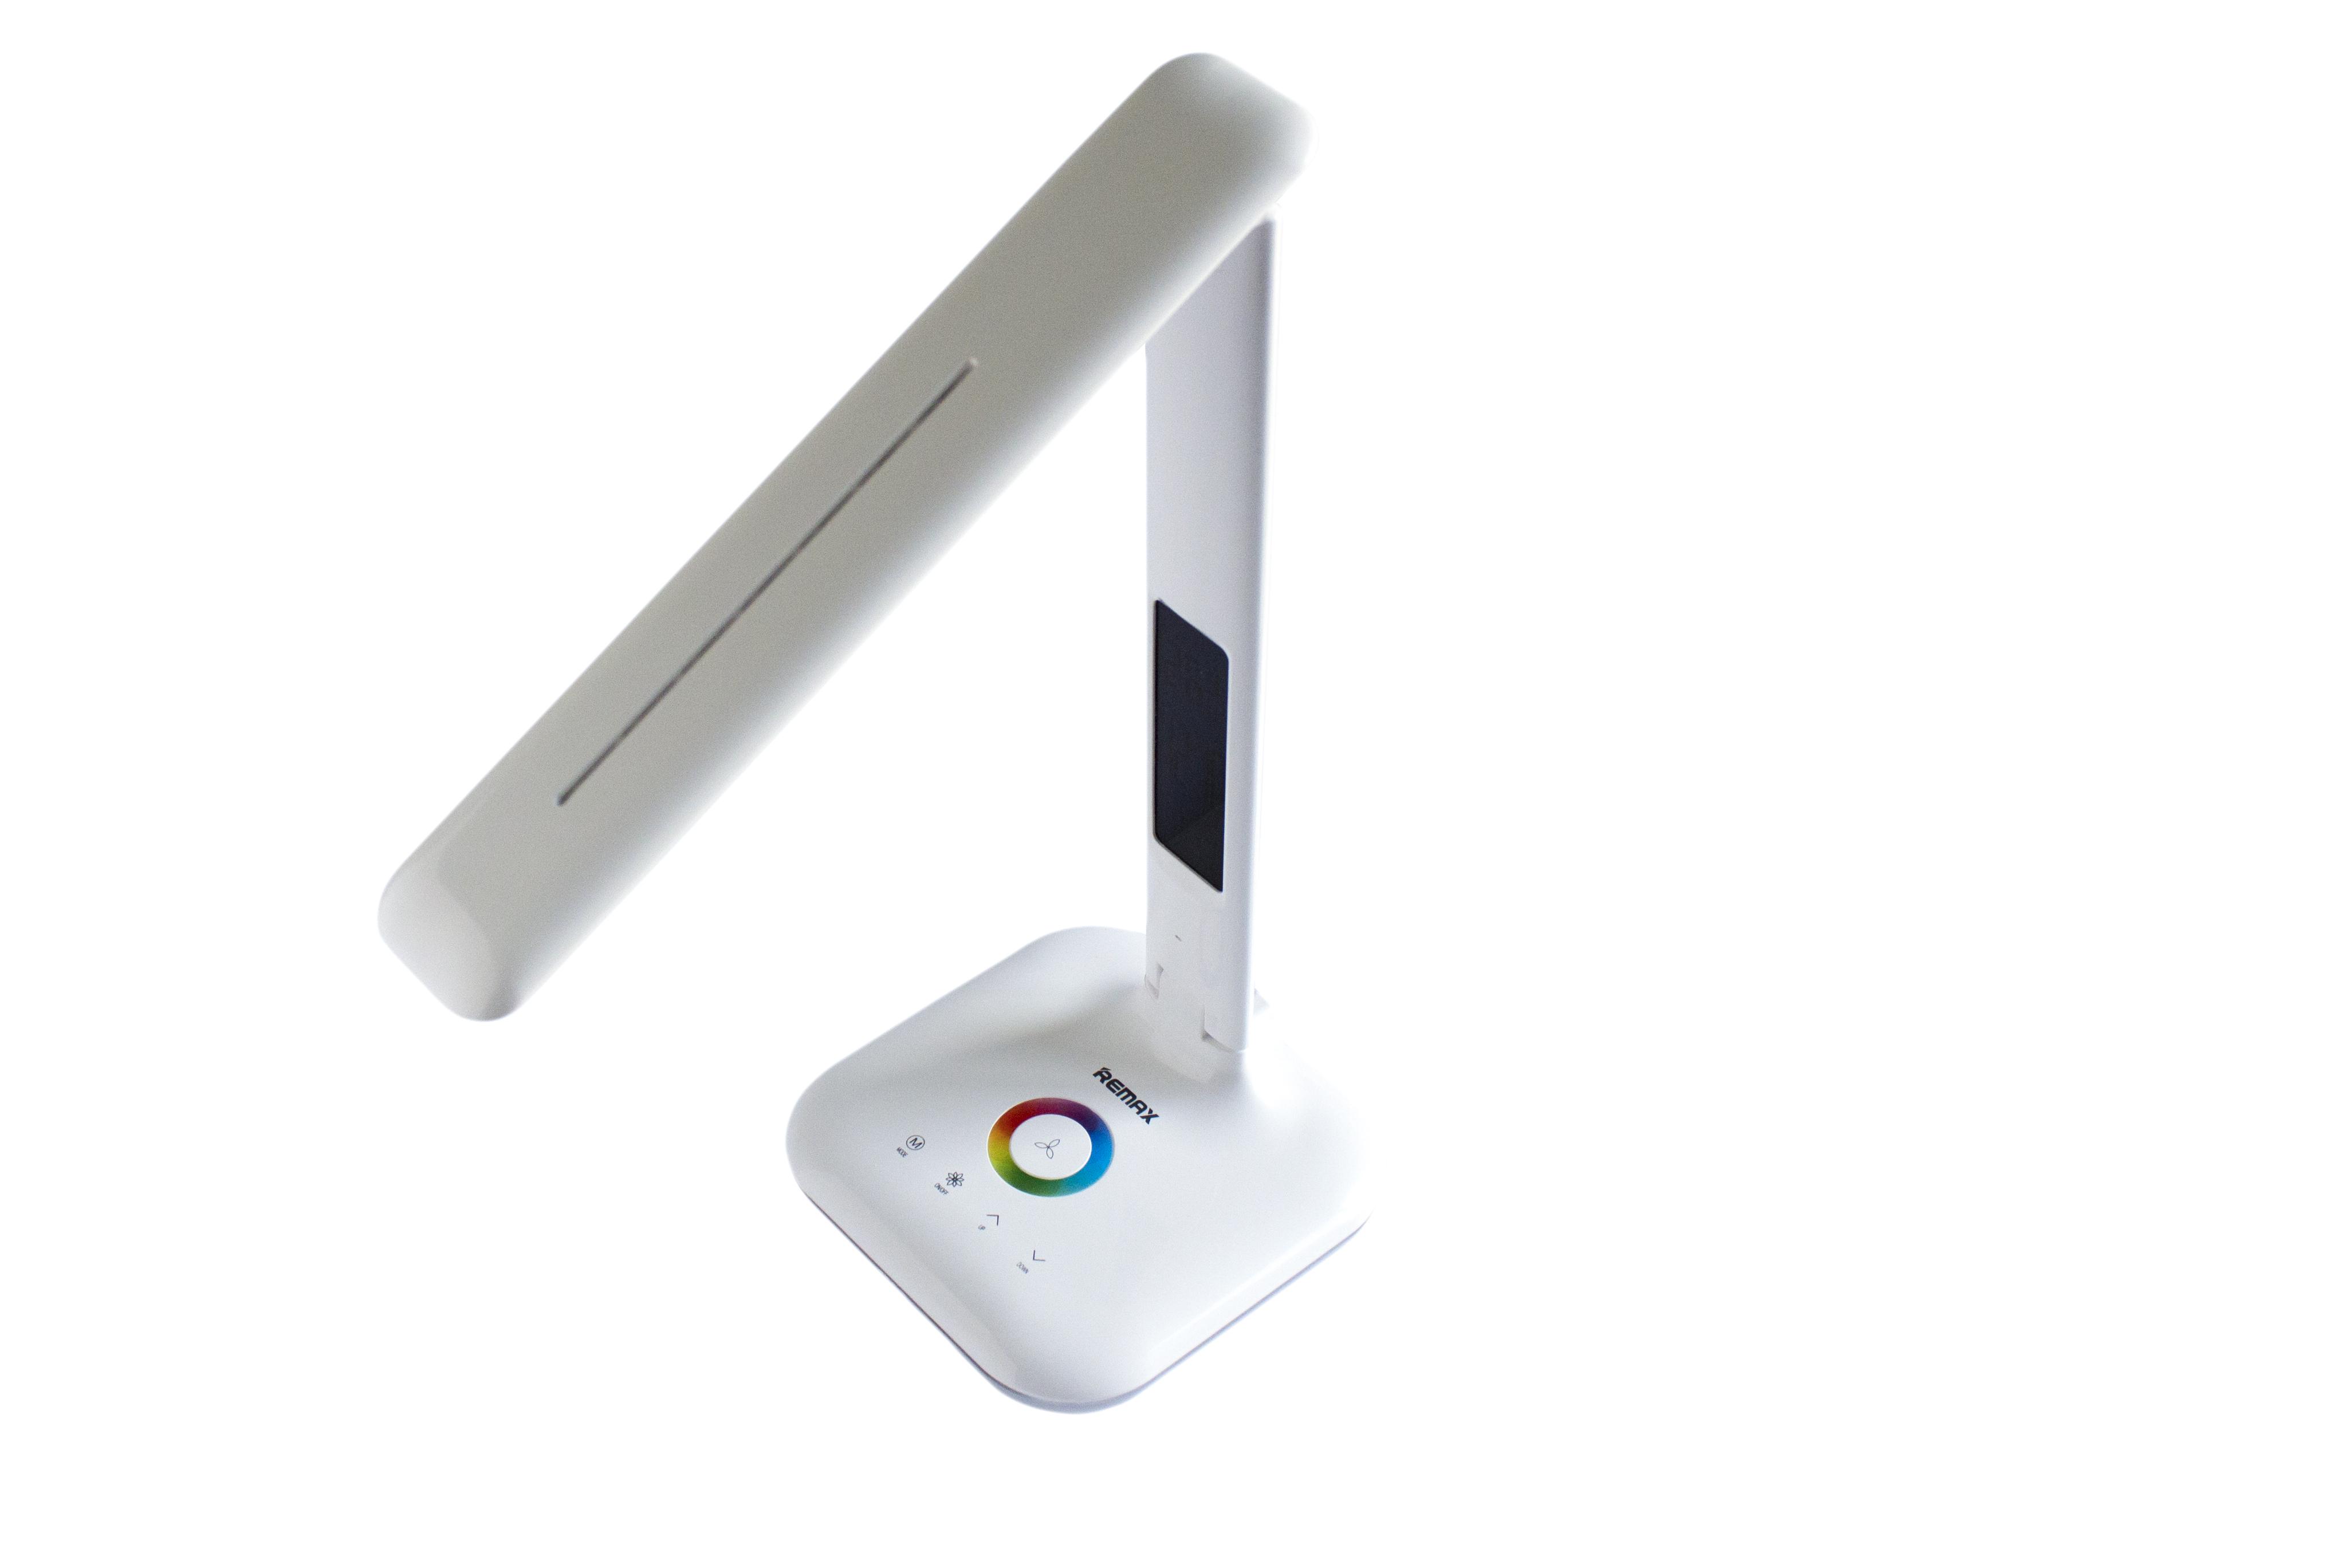 Настільна сенсорна LED лампа-трансформер Remax RL-E270 LCD + будильник + нічник